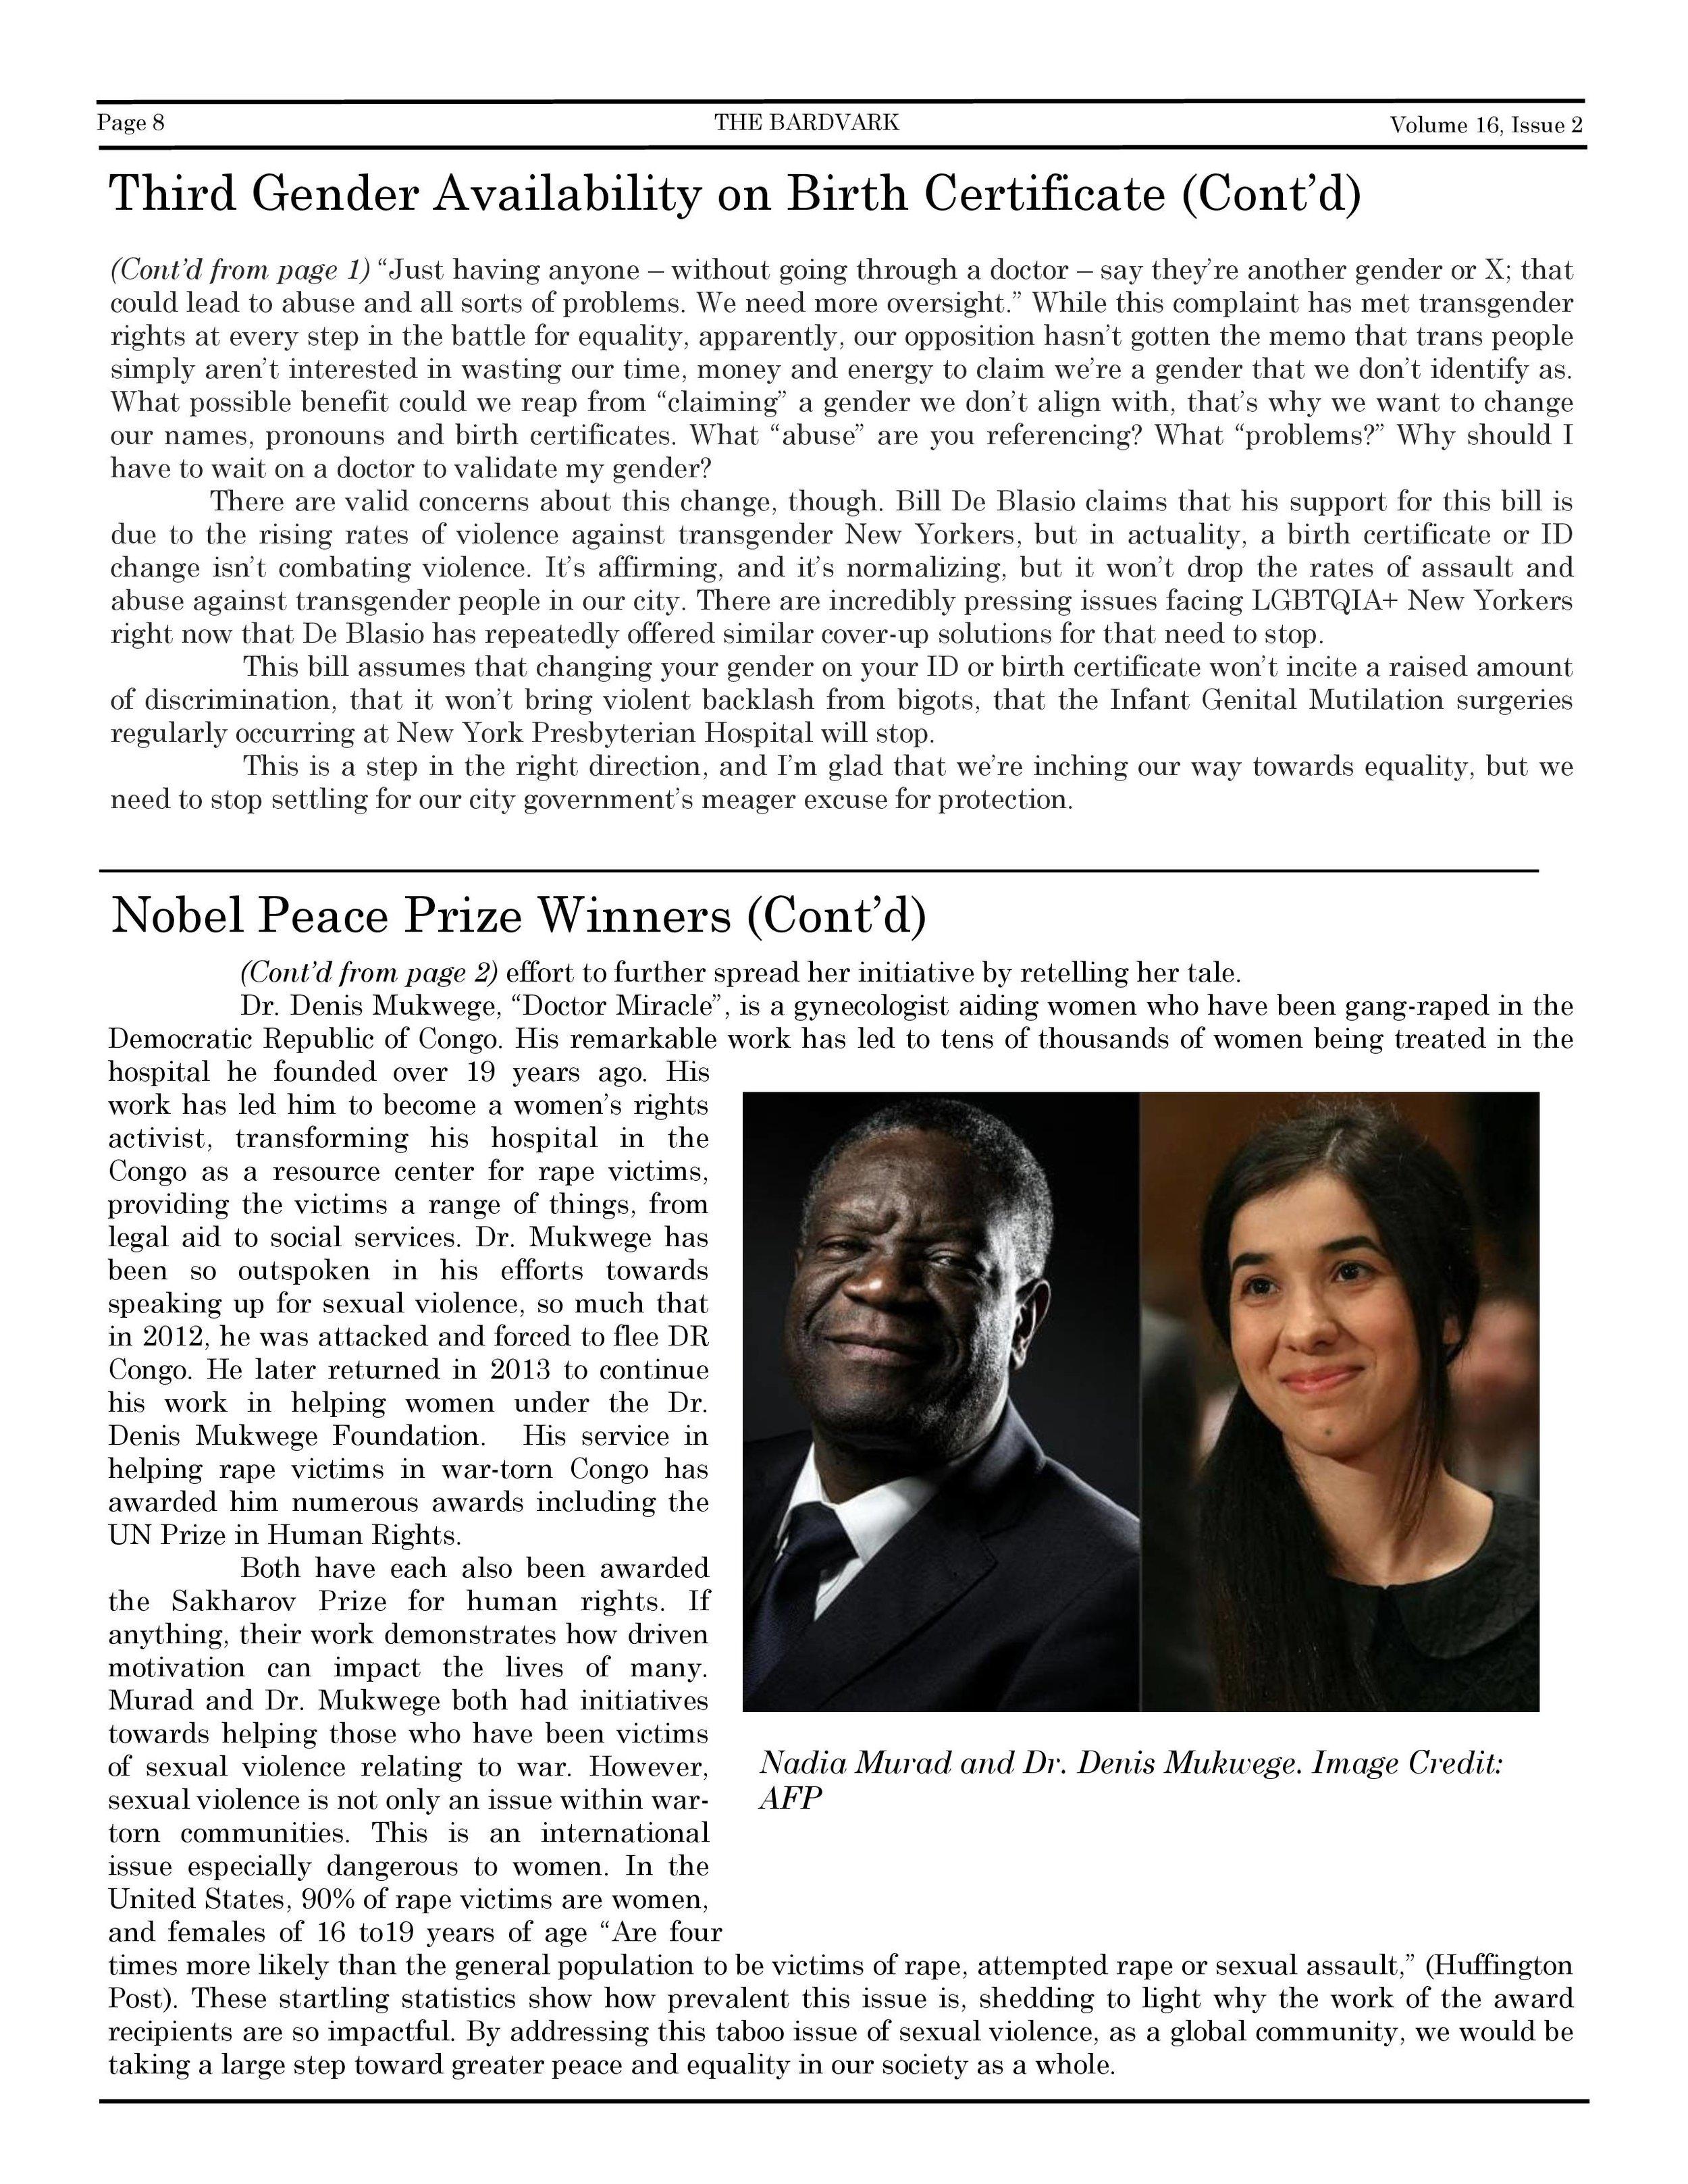 Issue 2 October 2018-8.jpg